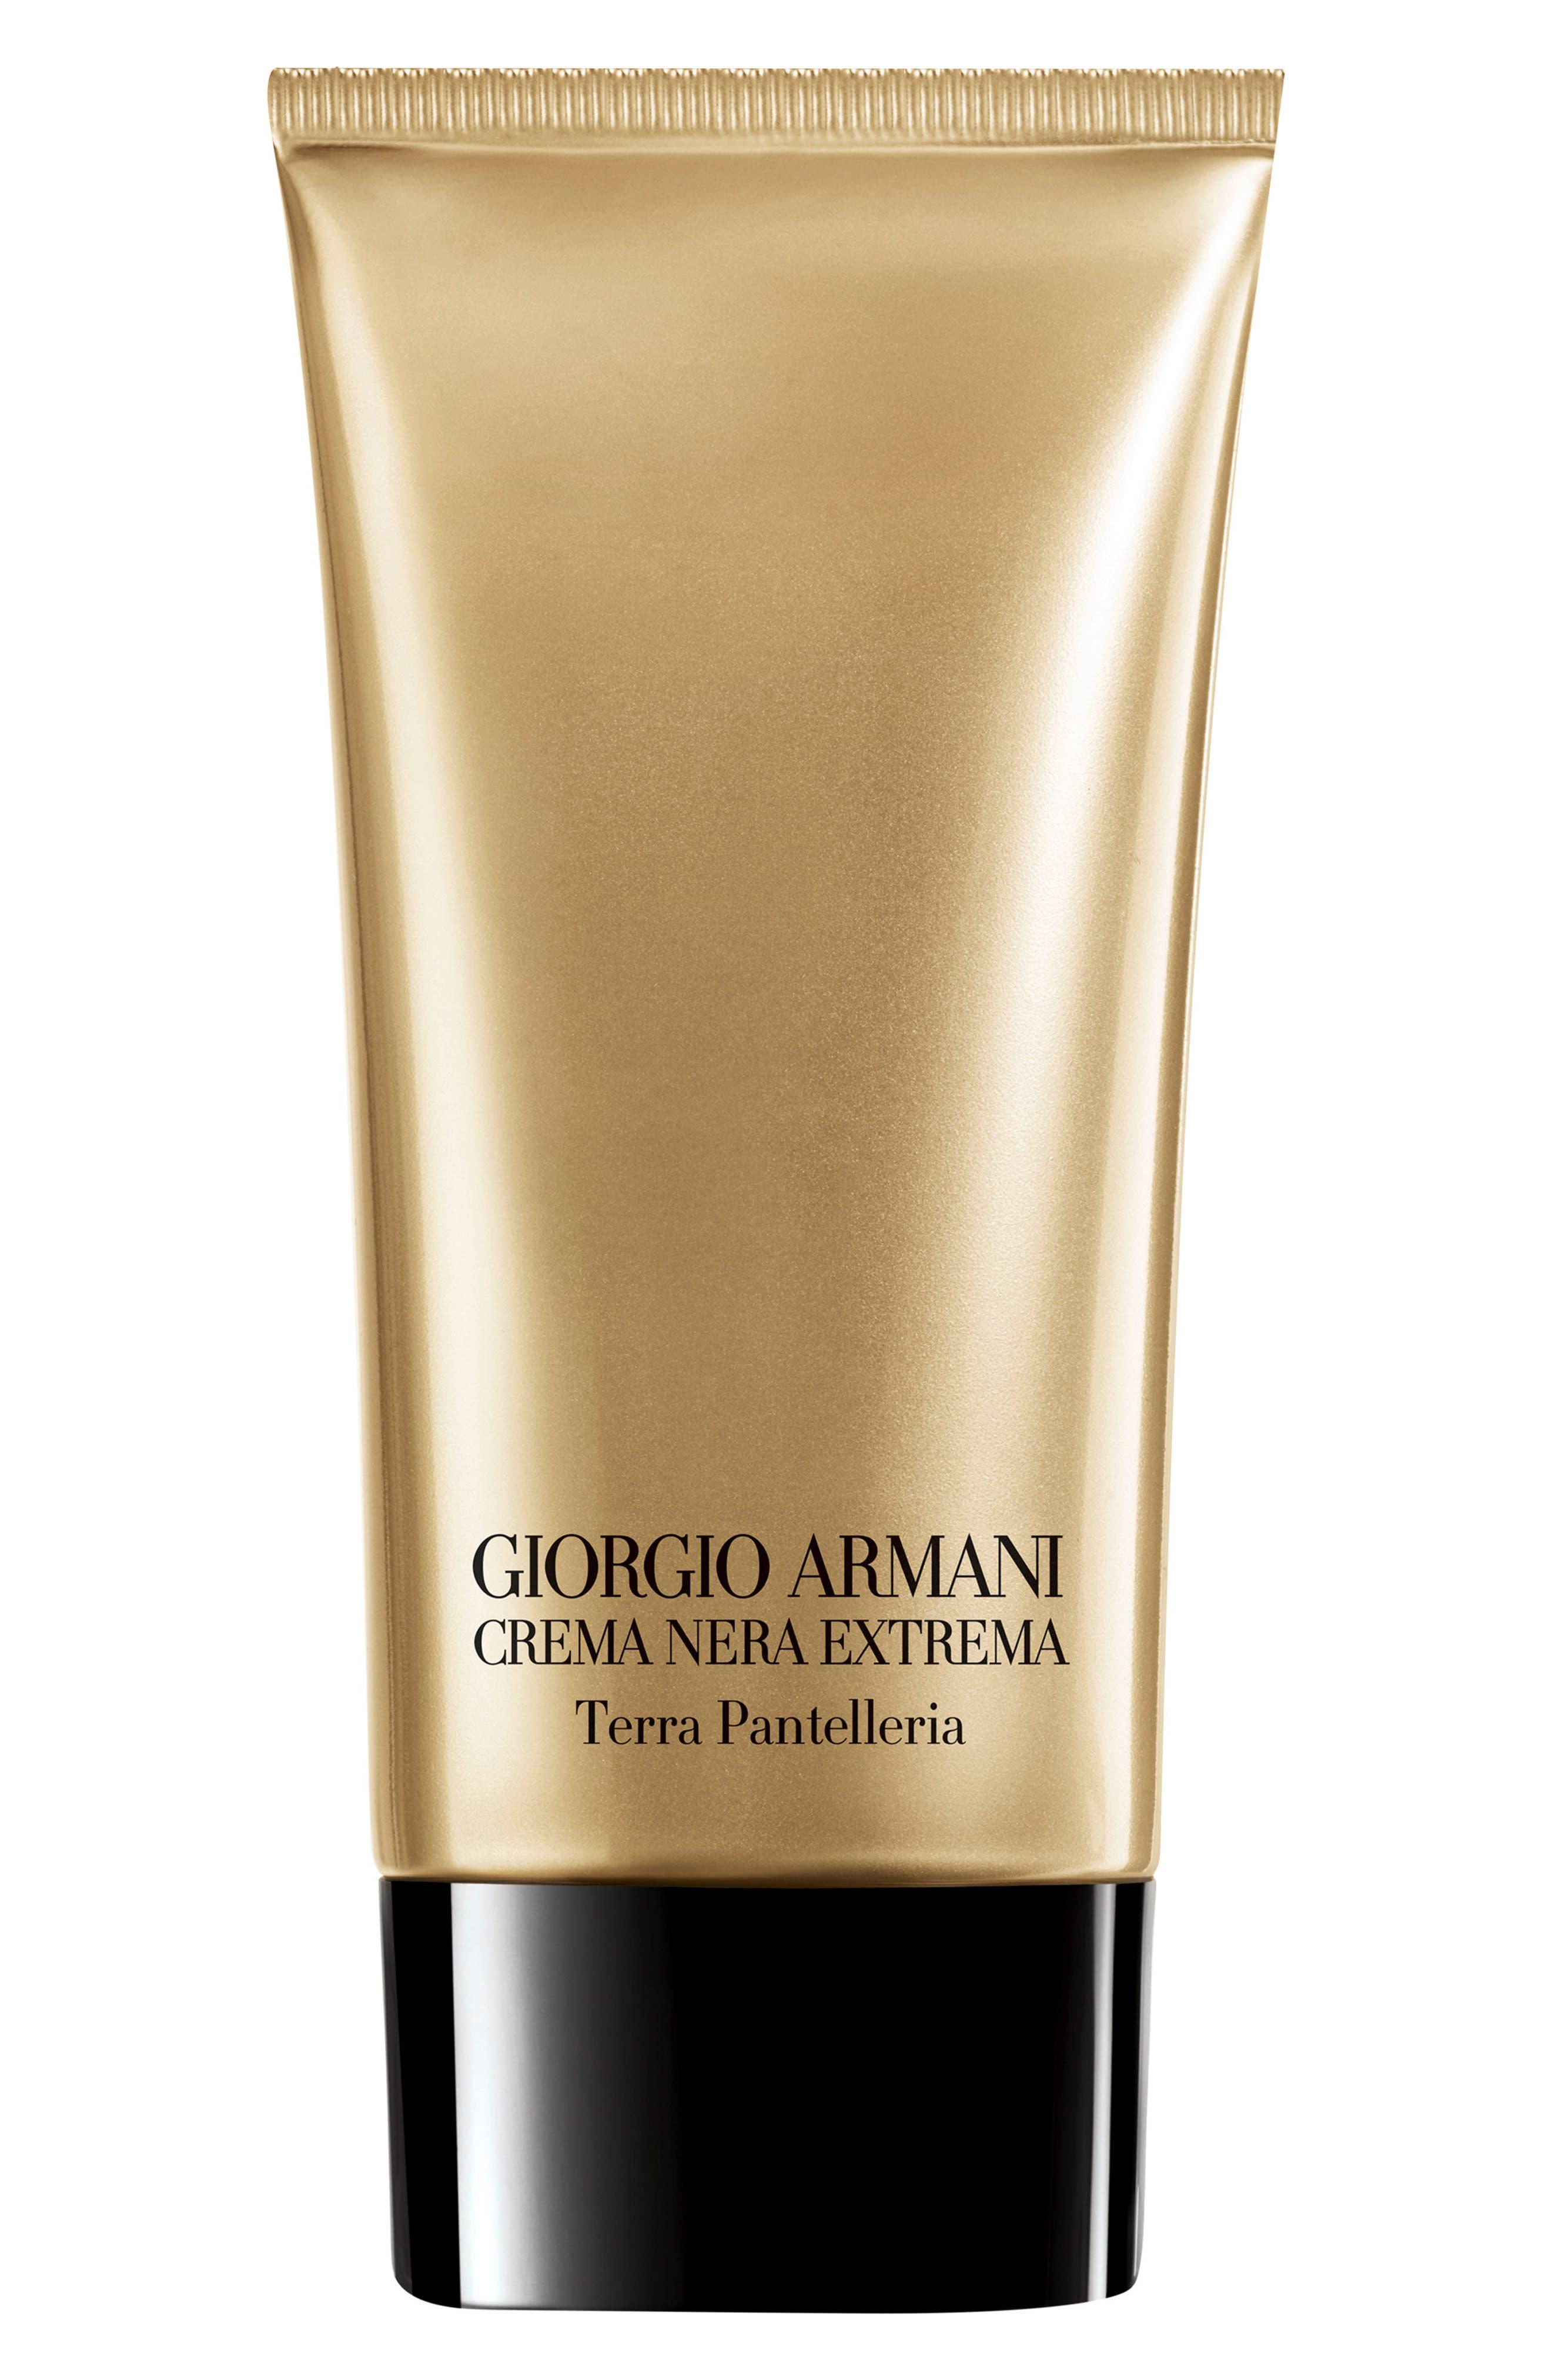 Giorgio Armani Terra Pantelleria Face Mask